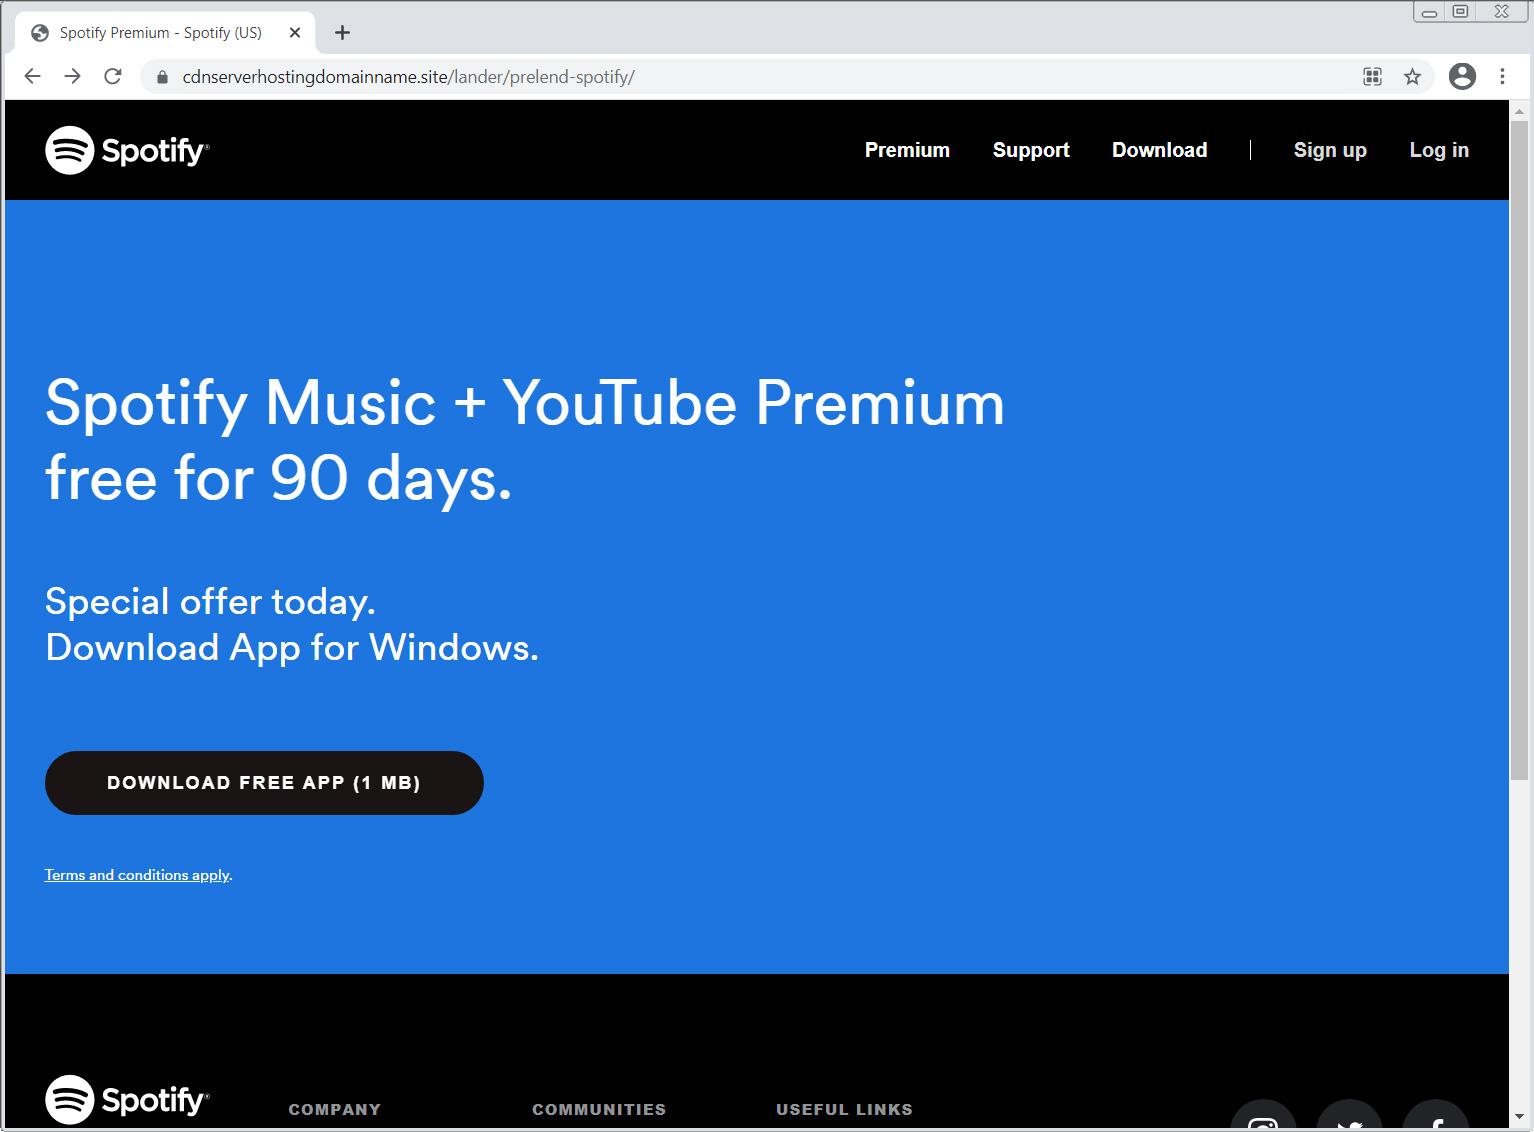 伪造的Spotify登陆页面